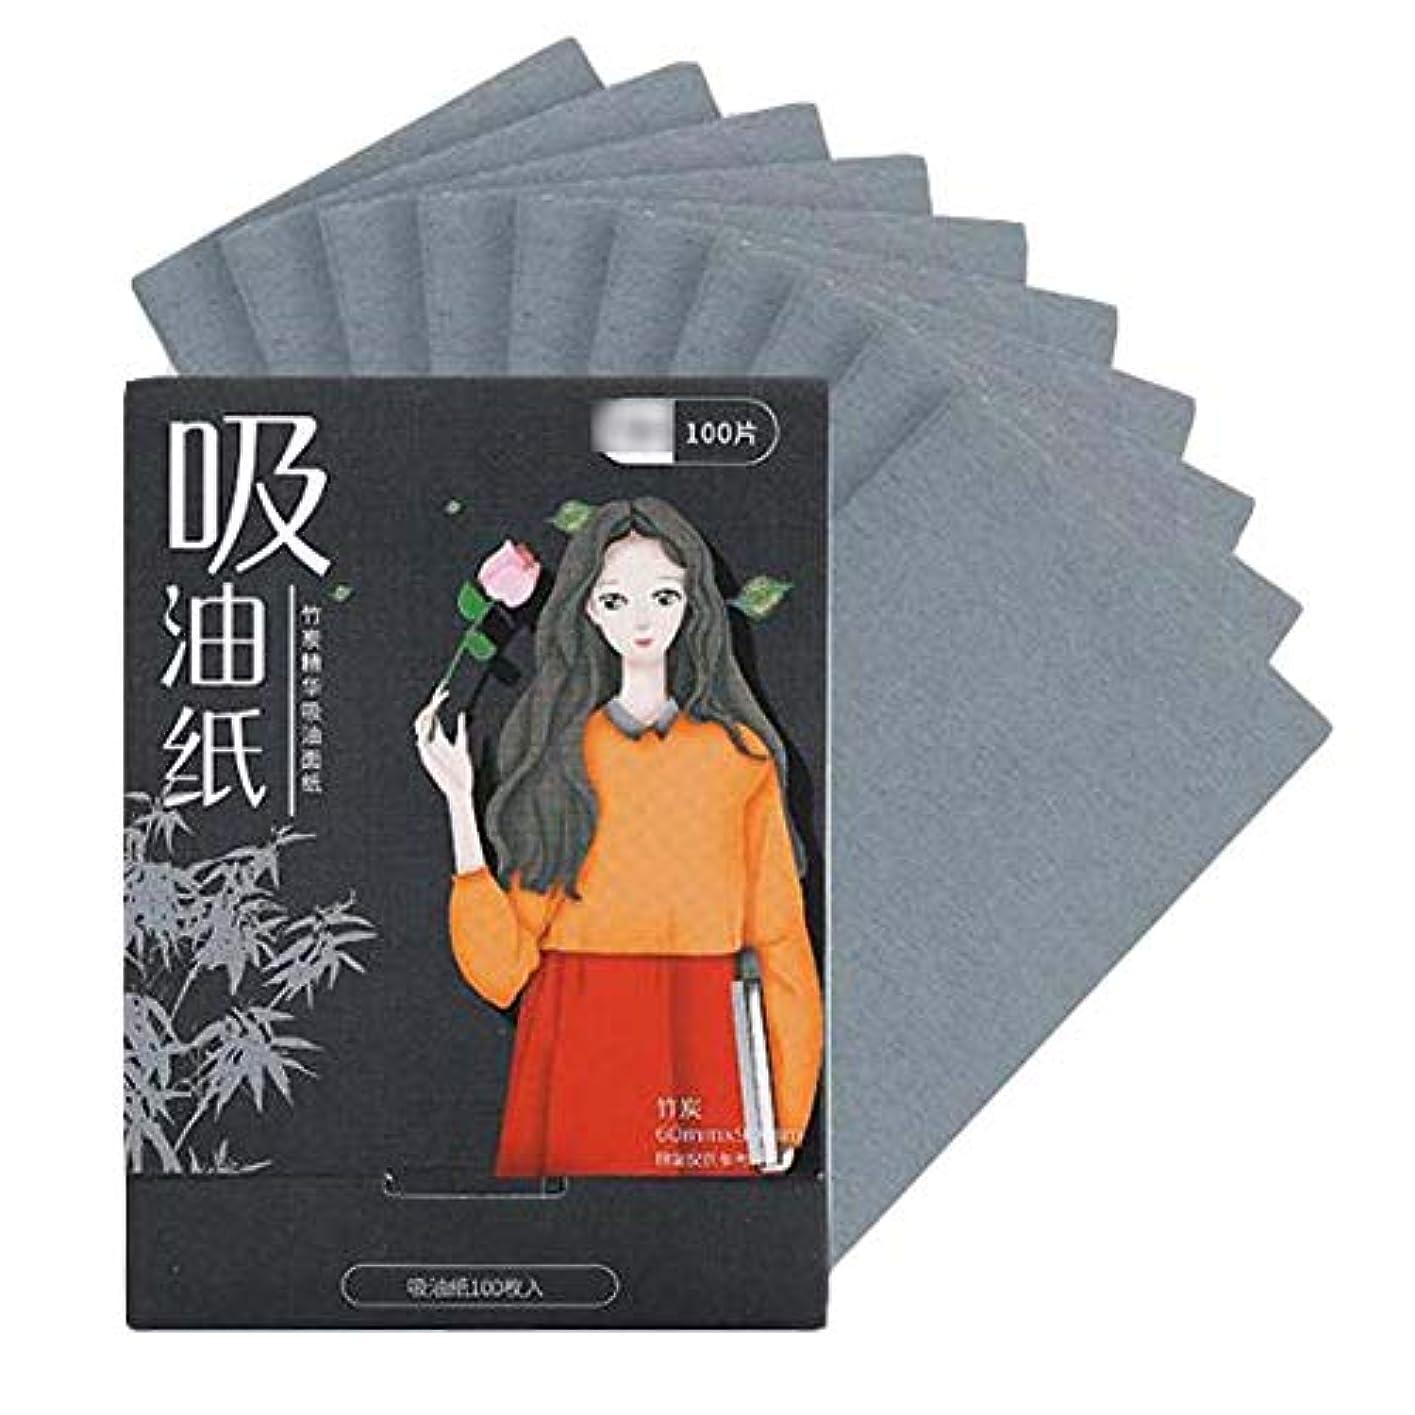 アイドル原始的なバリア顔のための女性竹炭あぶらとり紙、200個